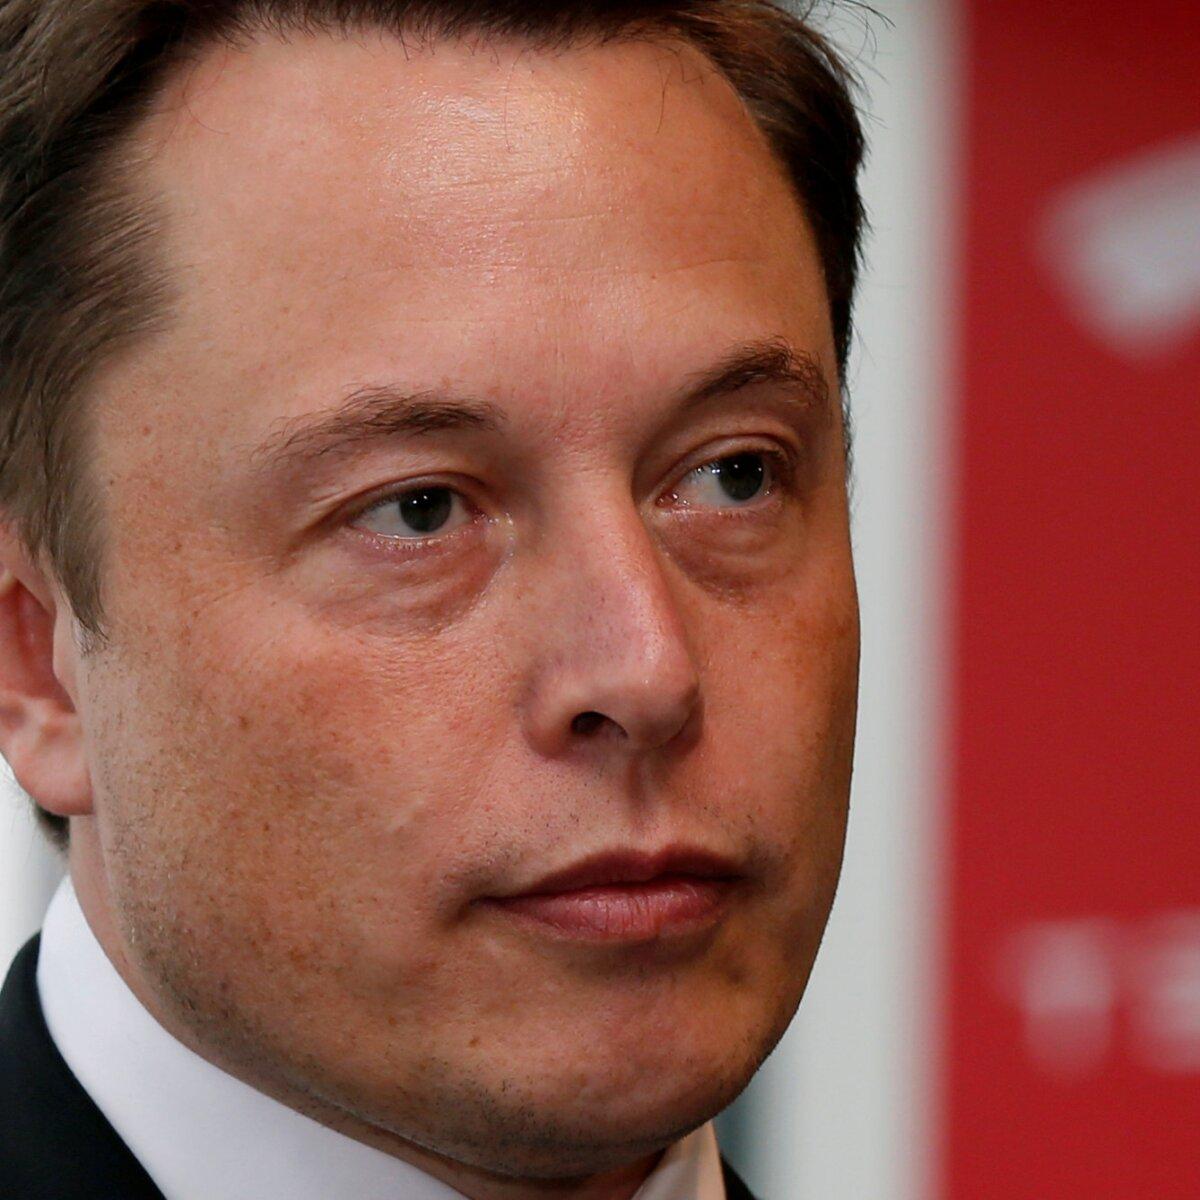 Quitar Tesla de Wall Street es fácil, ¿pero lo es?